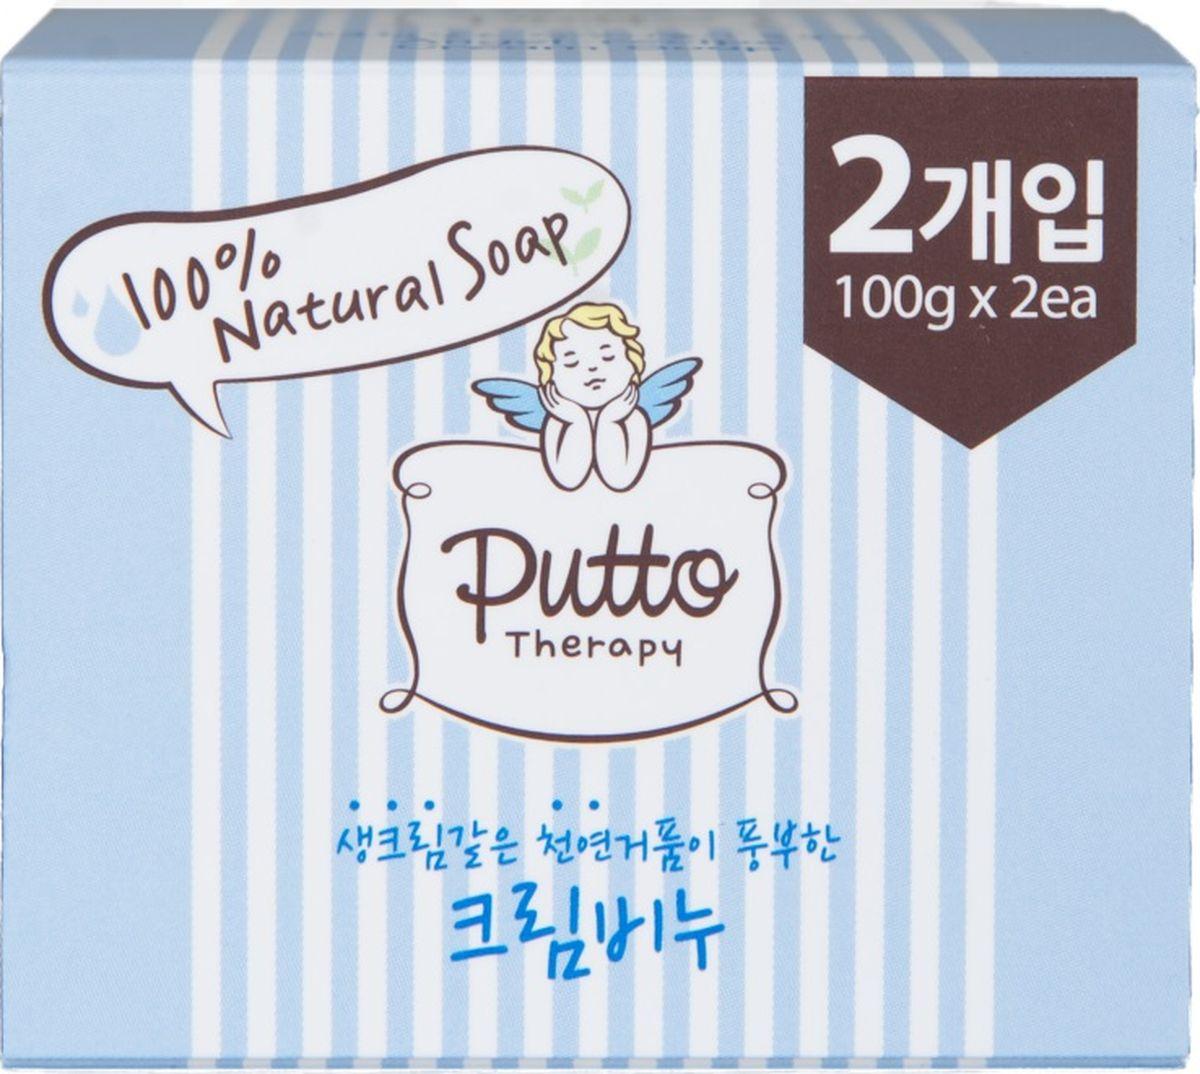 Putto Therapy Крем-мыло детское, увлажняющее с натуральным экстрактом кокоса (2 шт. в уп), 100 г77H088042